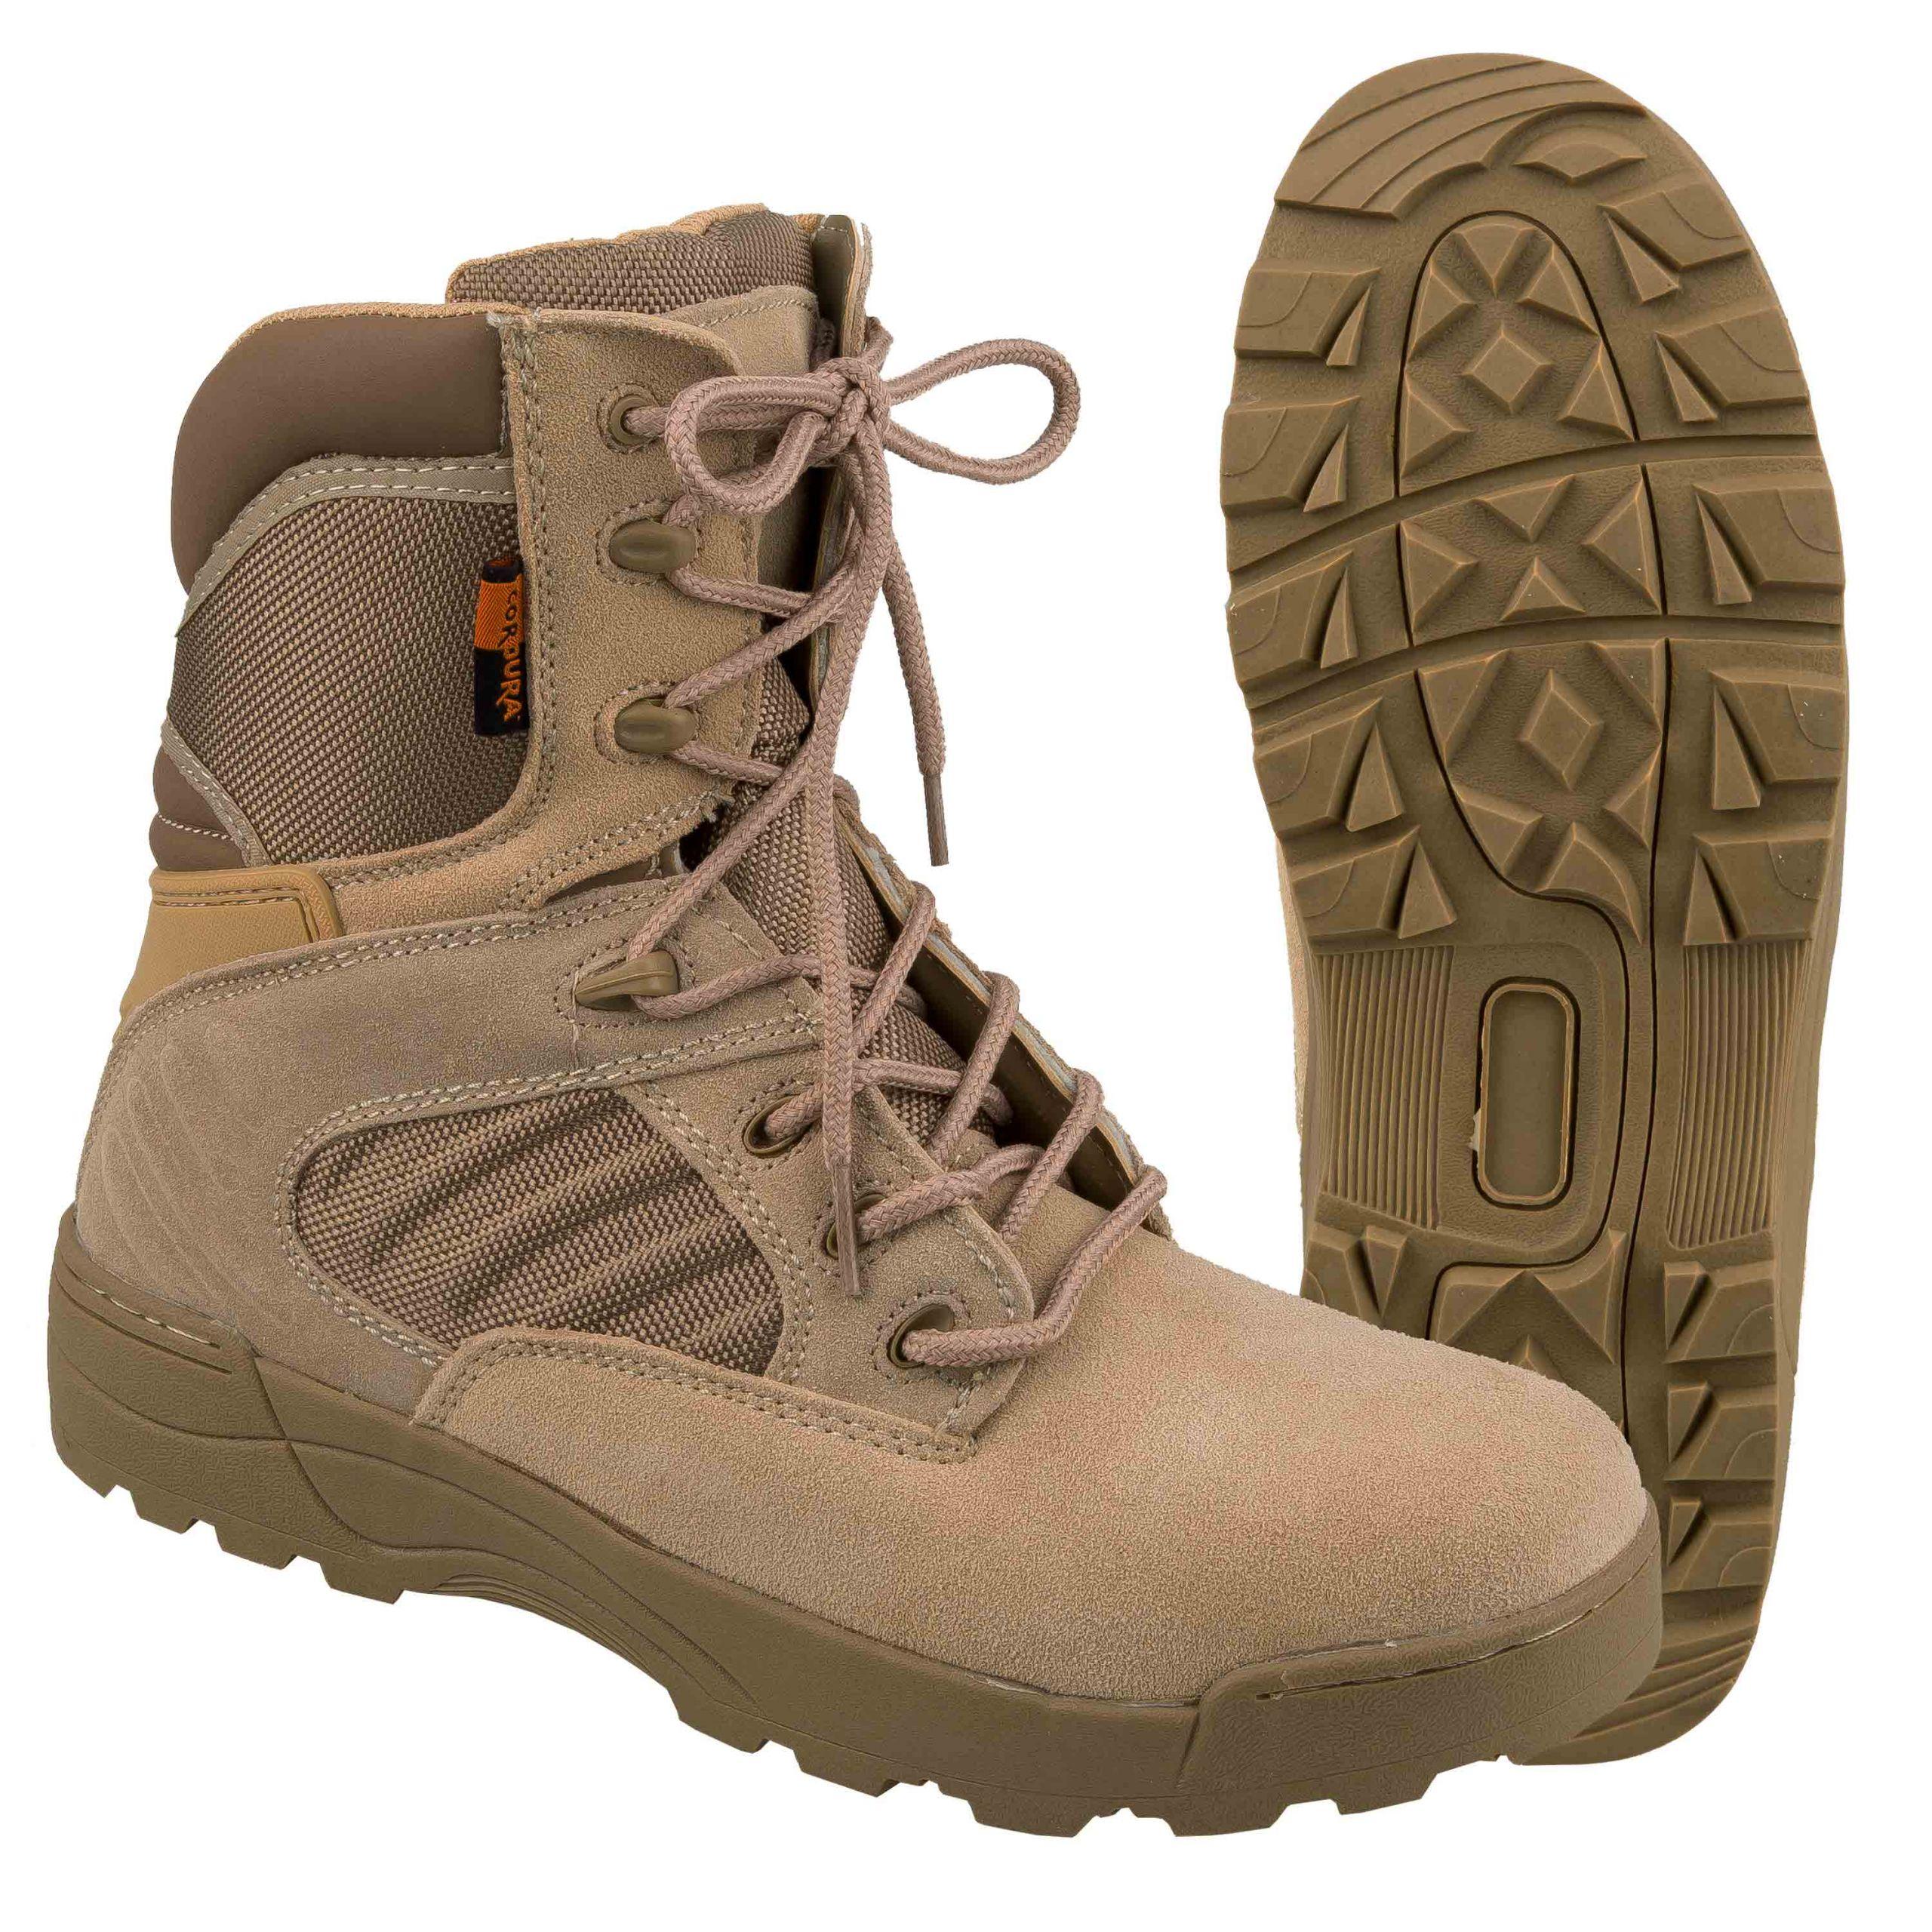 Highlander Combat Socks Mens Walking Hiking Outdoor Military Olive Black